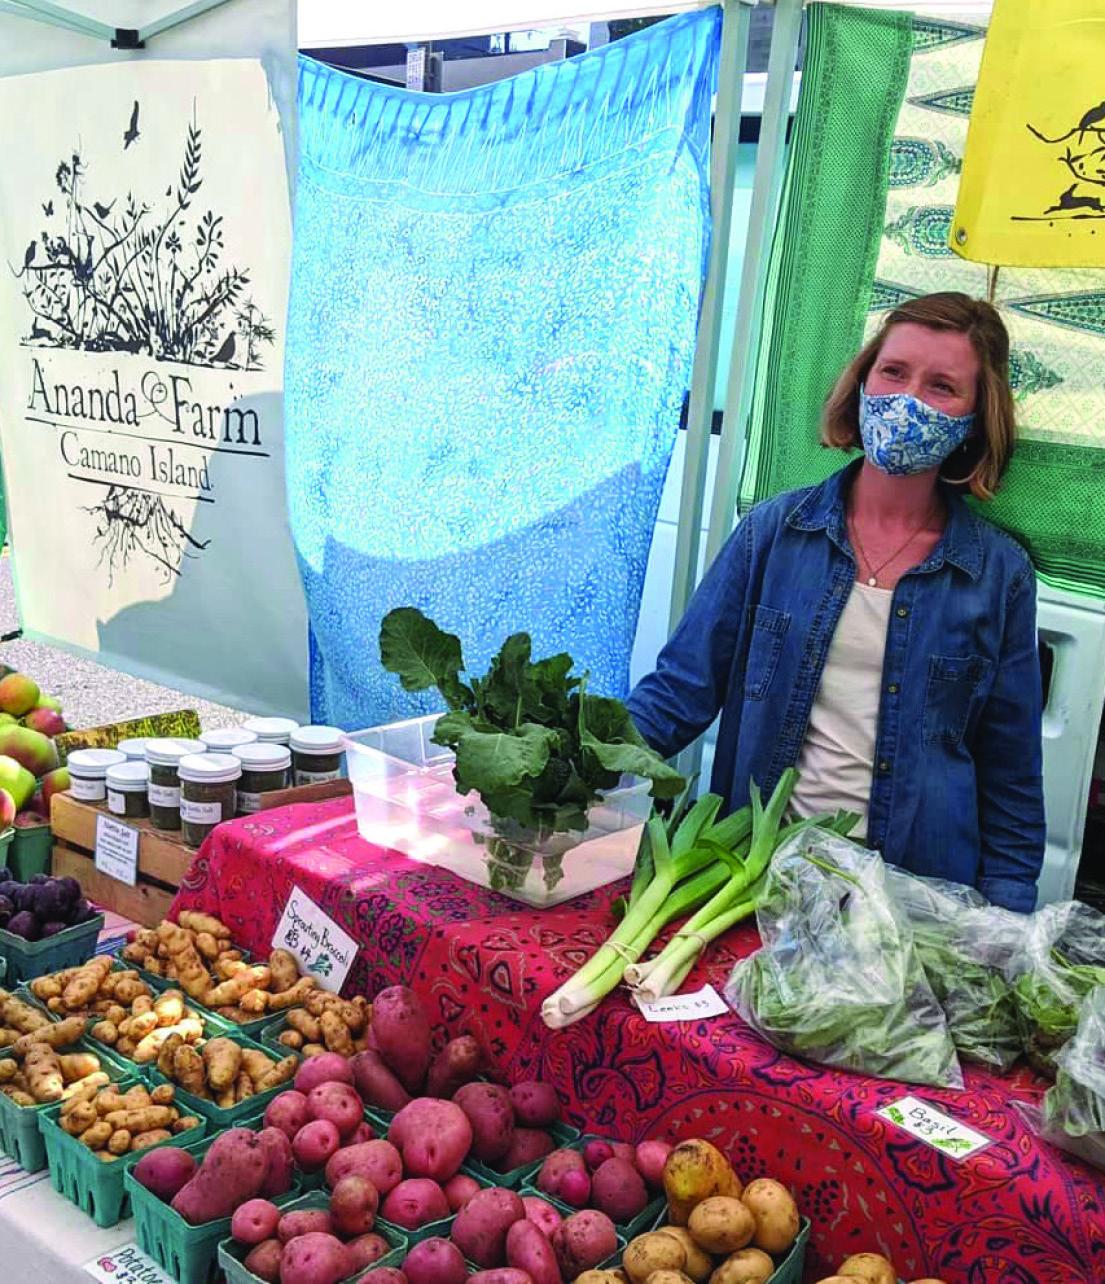 Ananda Farm on Camano Island greets market-goers